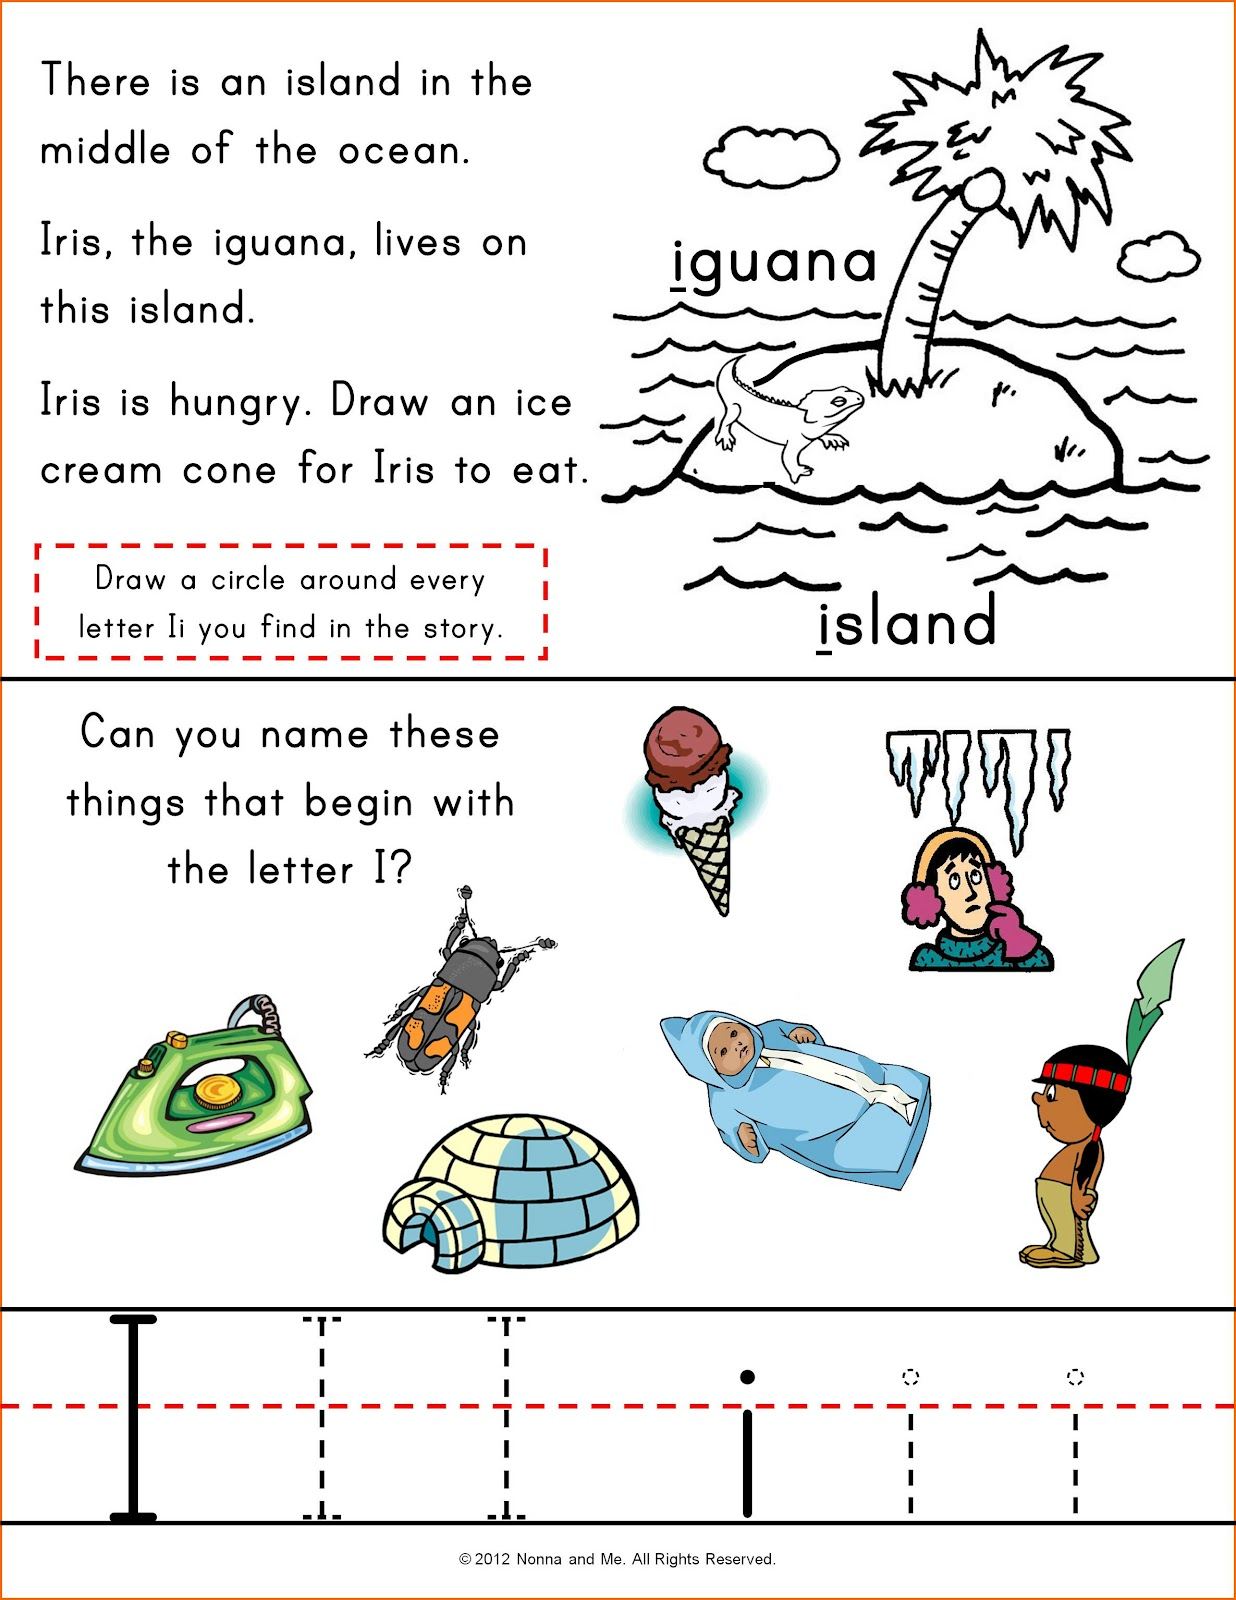 Nonna And Me Iris The Iguana And Jane Jon And Judy